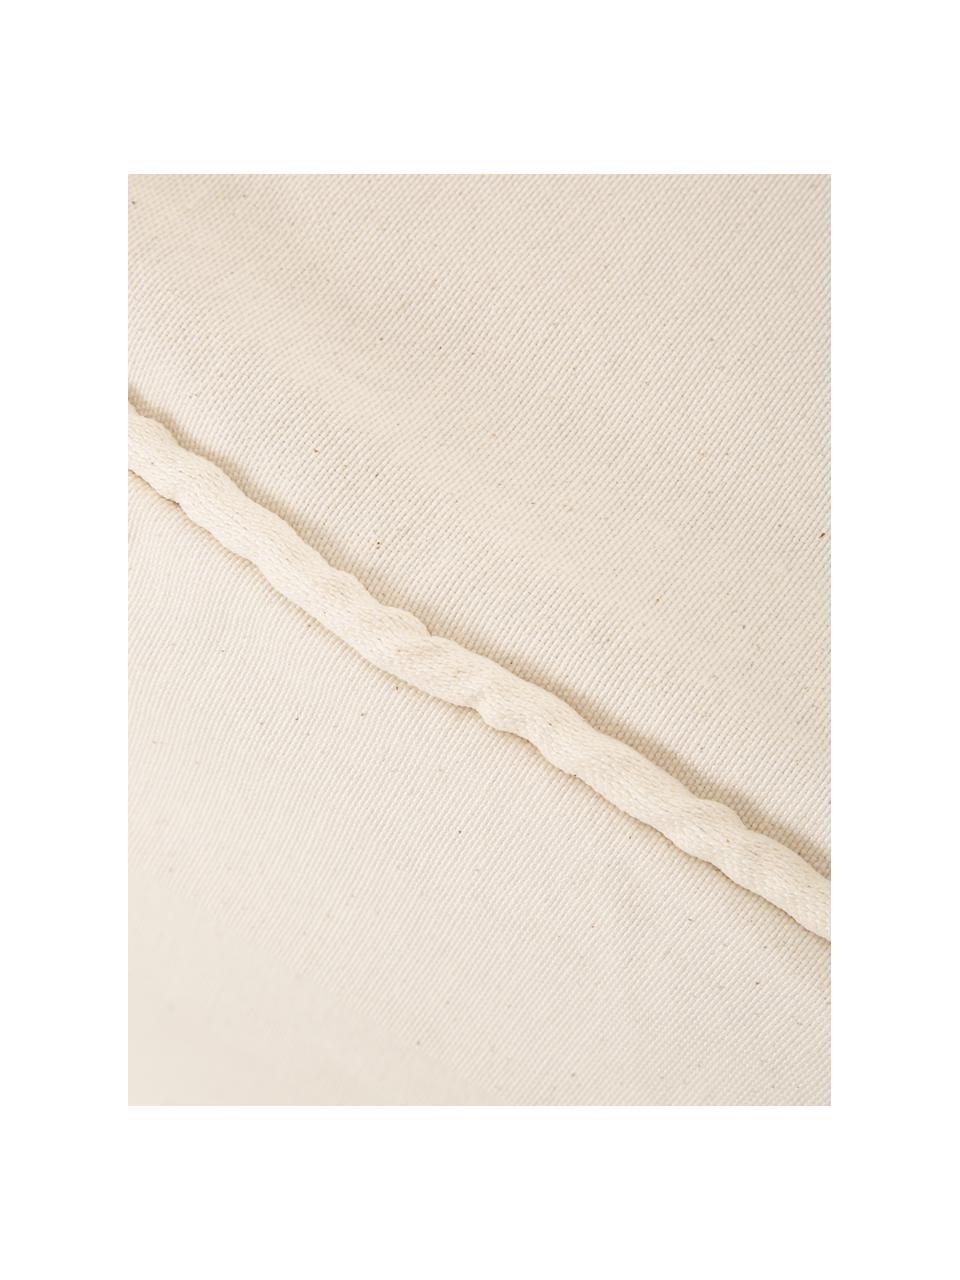 Copridivano Levante, 65% cotone, 35% poliestere, Beige, Larg. 200 x Alt. 110 cm